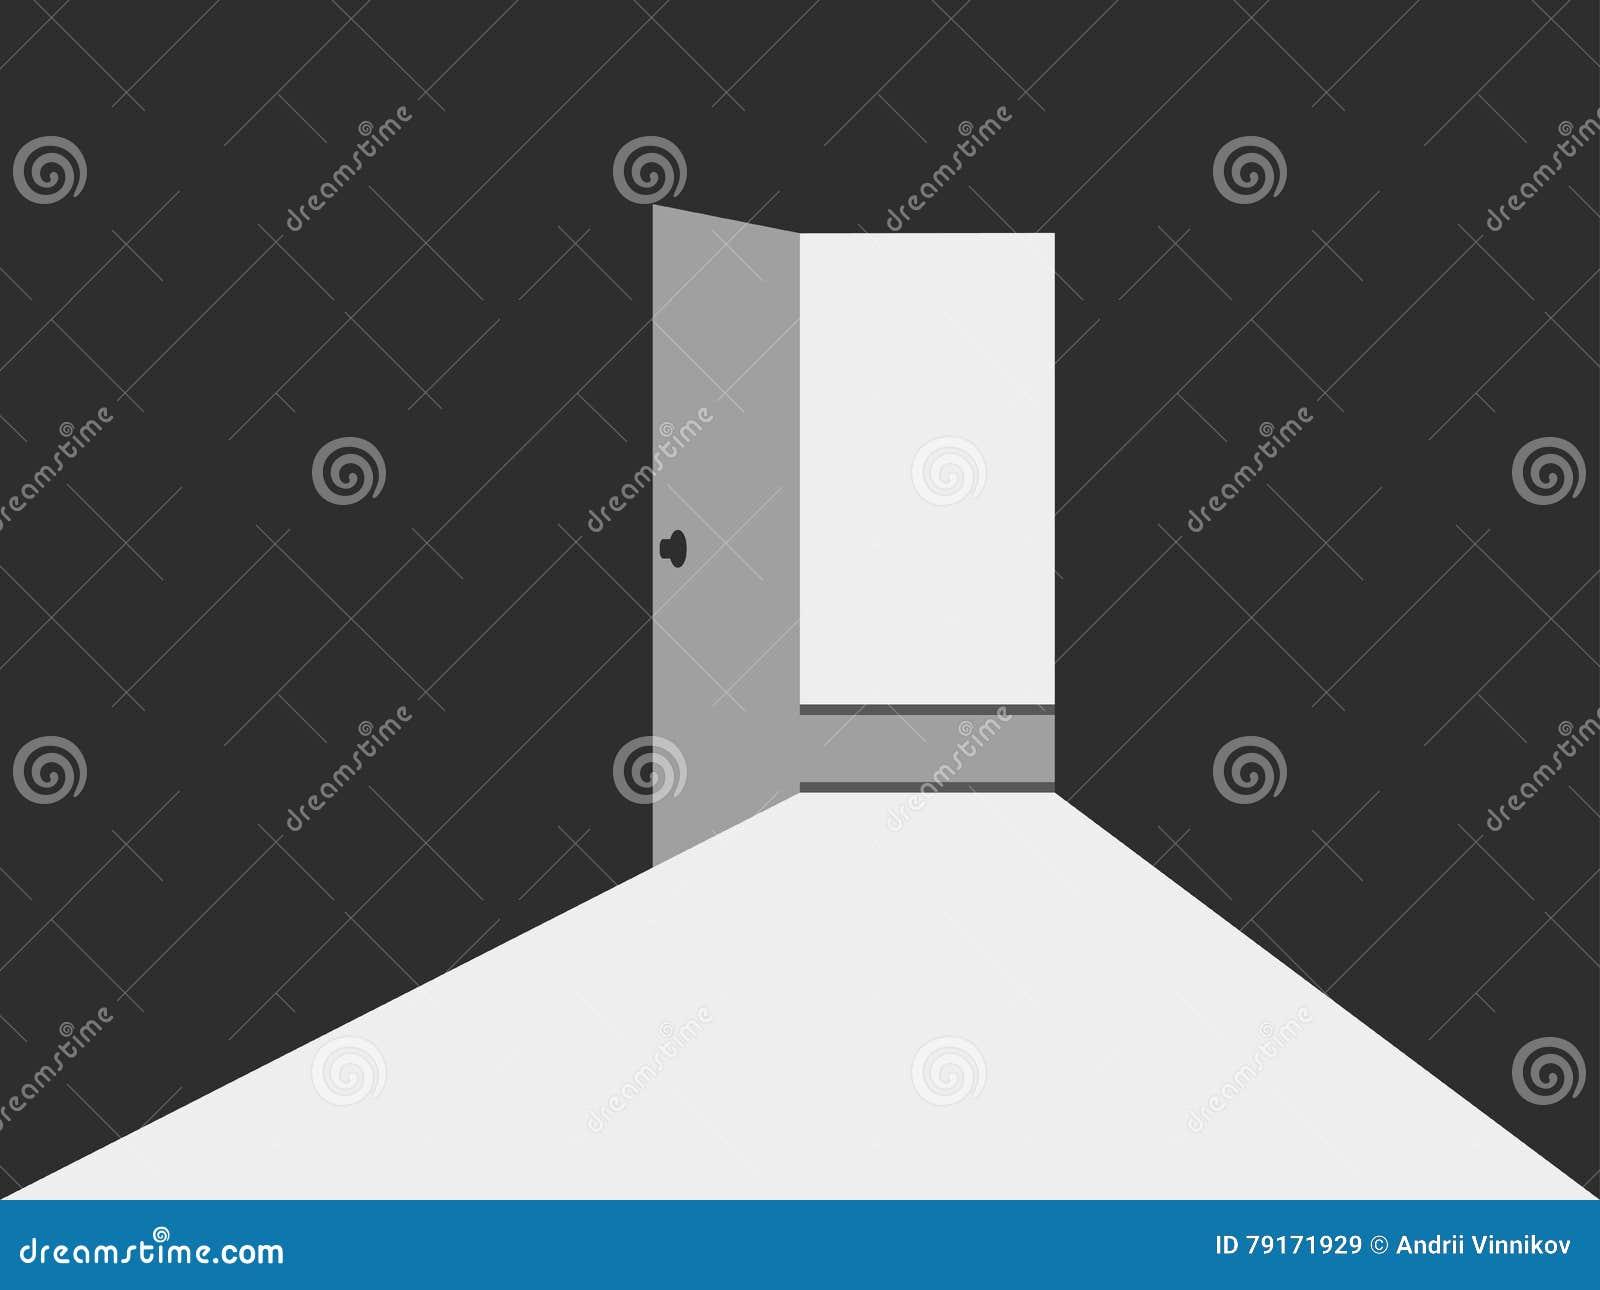 Open Door Dark Room open door with light. light from the open door. open door to a